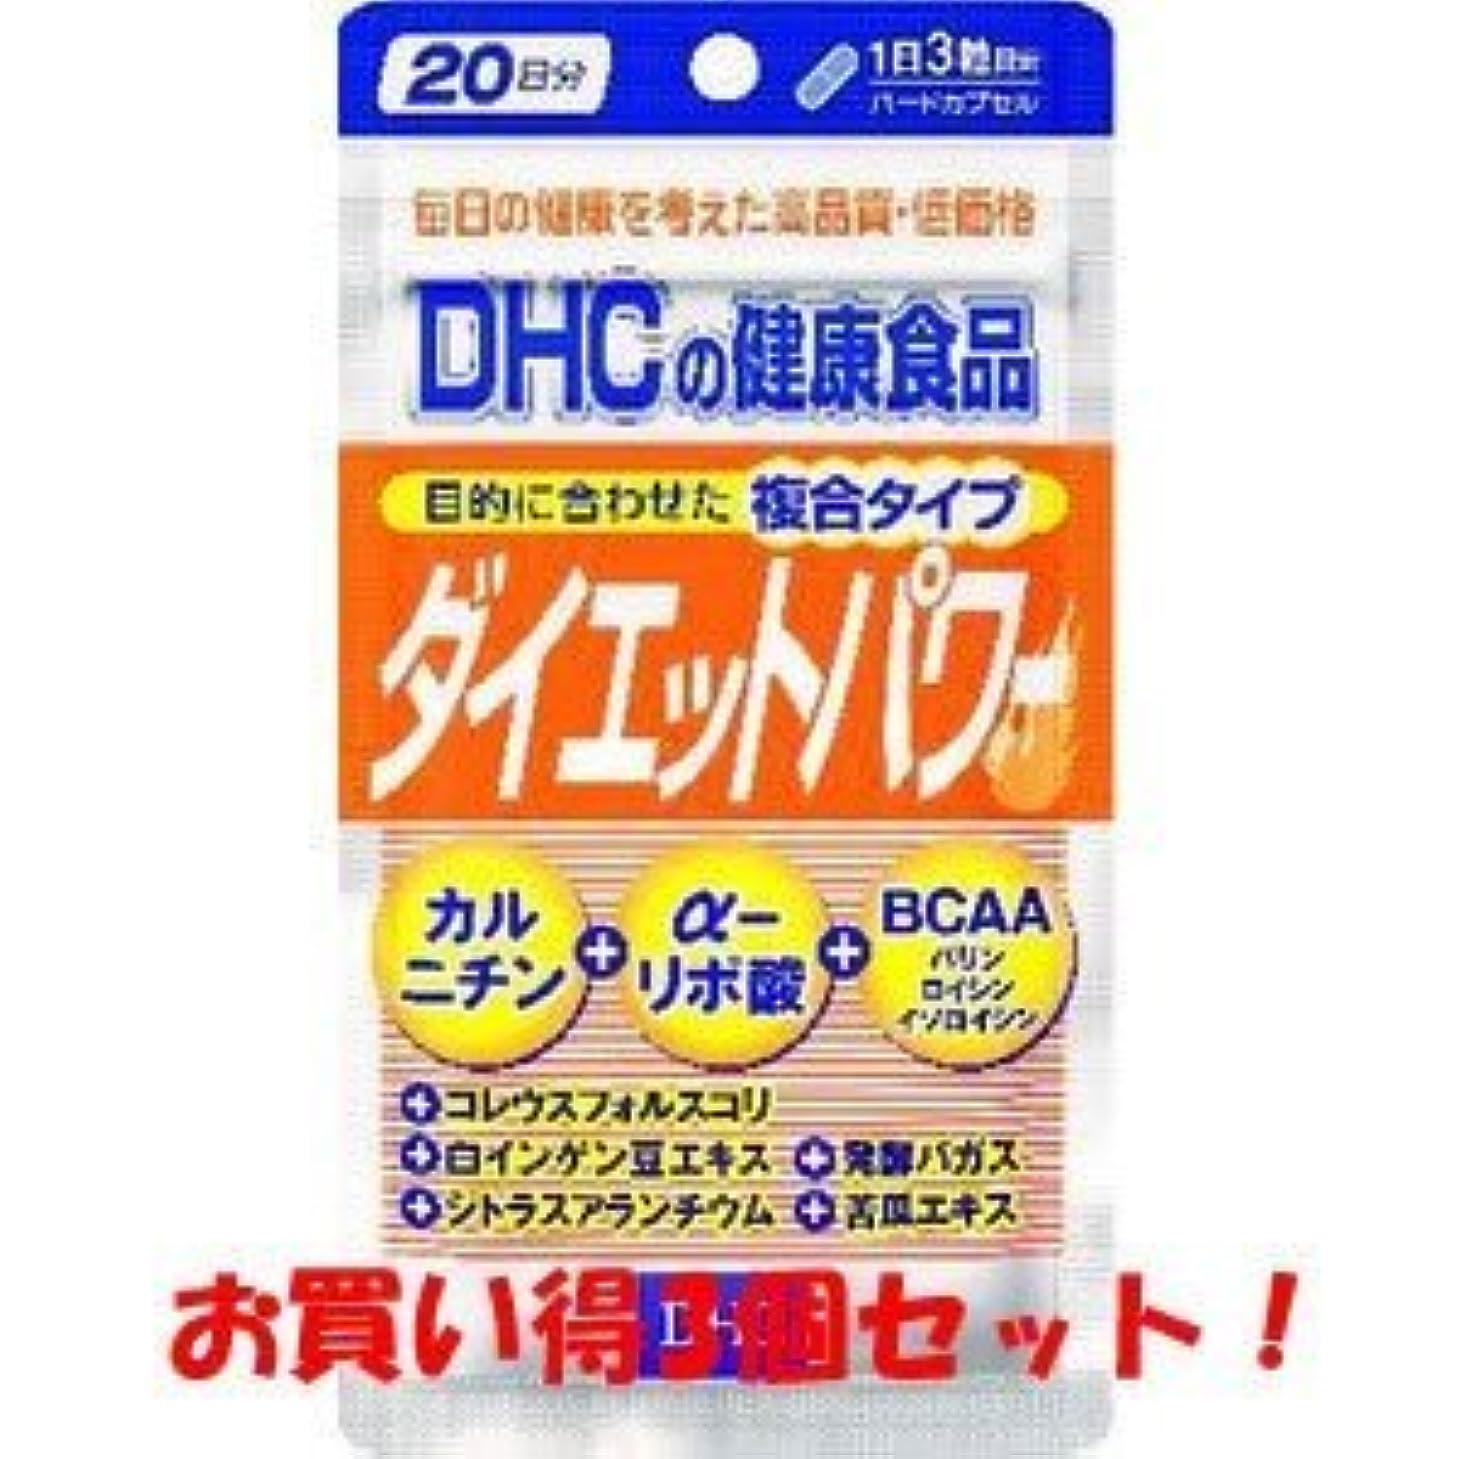 たるみロイヤリティもちろんDHC ダイエットパワー20日分 60粒(お買い得3個セット)